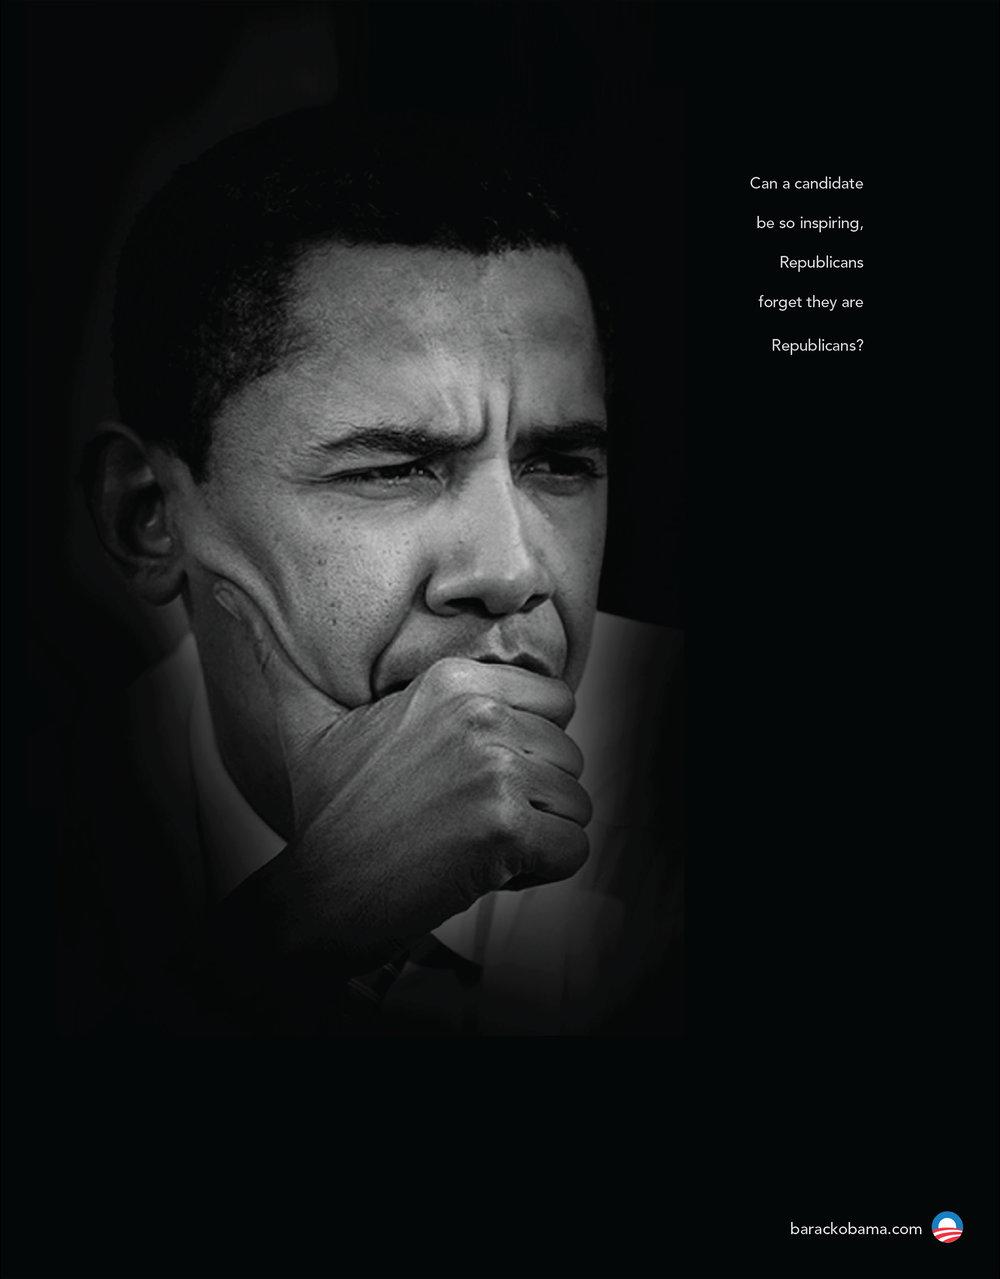 Obama_004.jpg